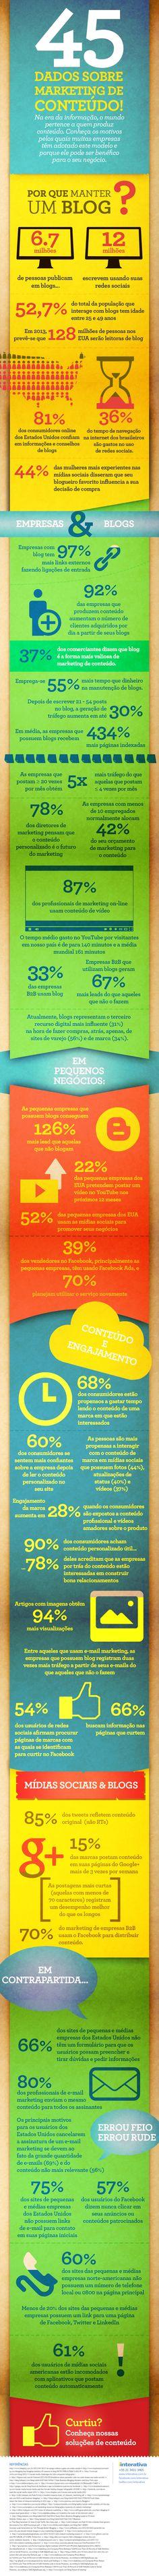 45 dados sobre produção de conteúdo nas redes sociais #Infografico #marketing #Socialmedia #blog #EstrategiasDigitais